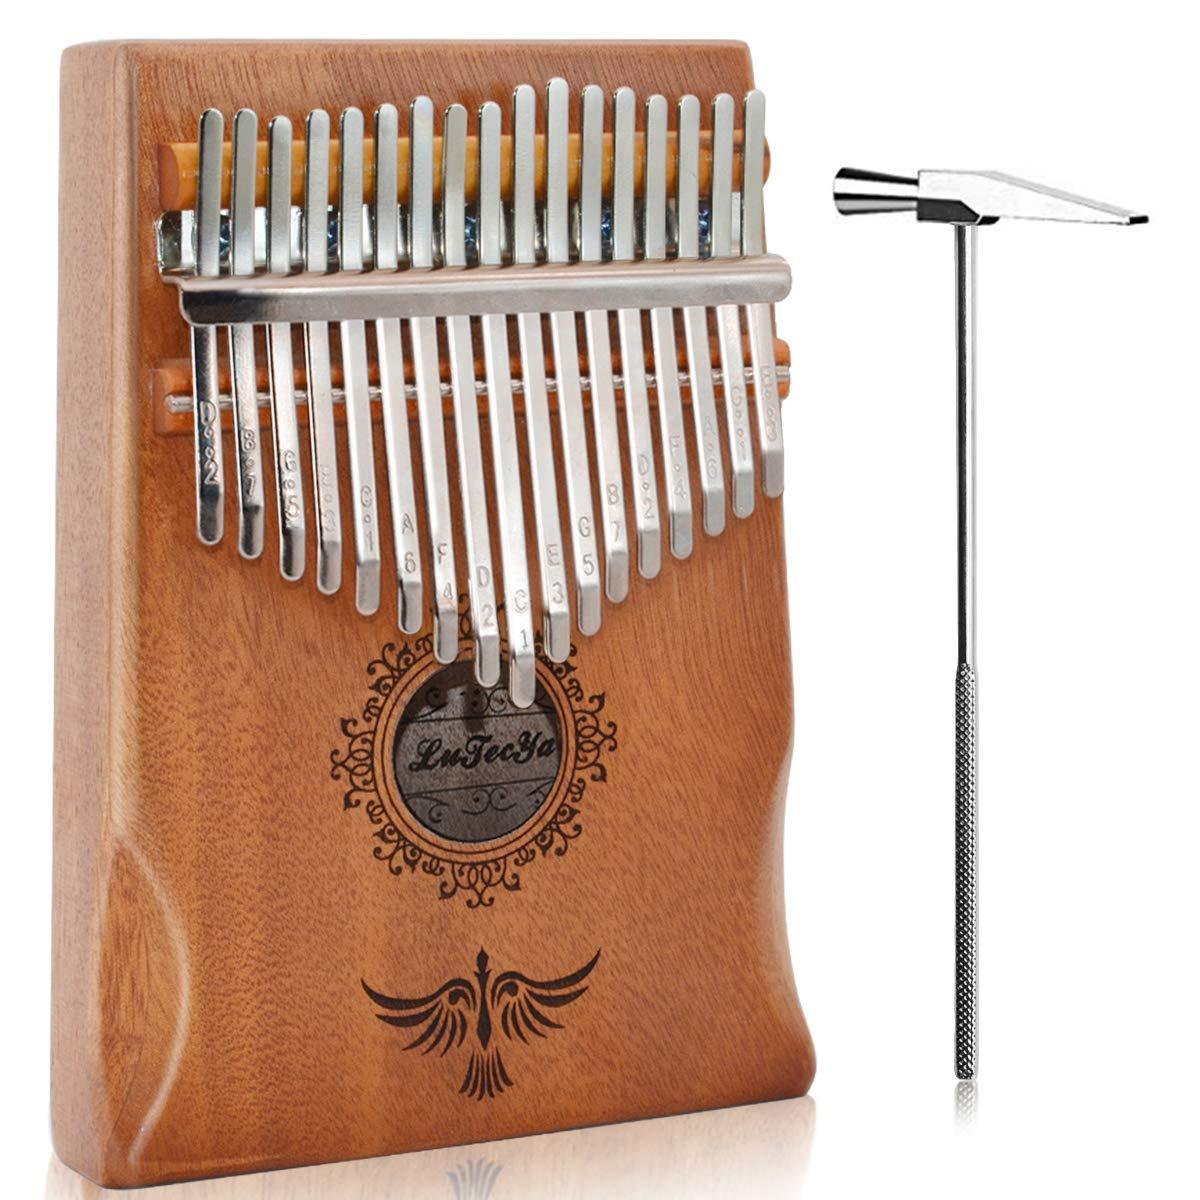 LuTecYa Kalimba Thumb Piano 17 Keys Easy-to-play Finger Piano Mbira Solid Mahogany Wood - Calibrating Tune Hammer and Storage Bag